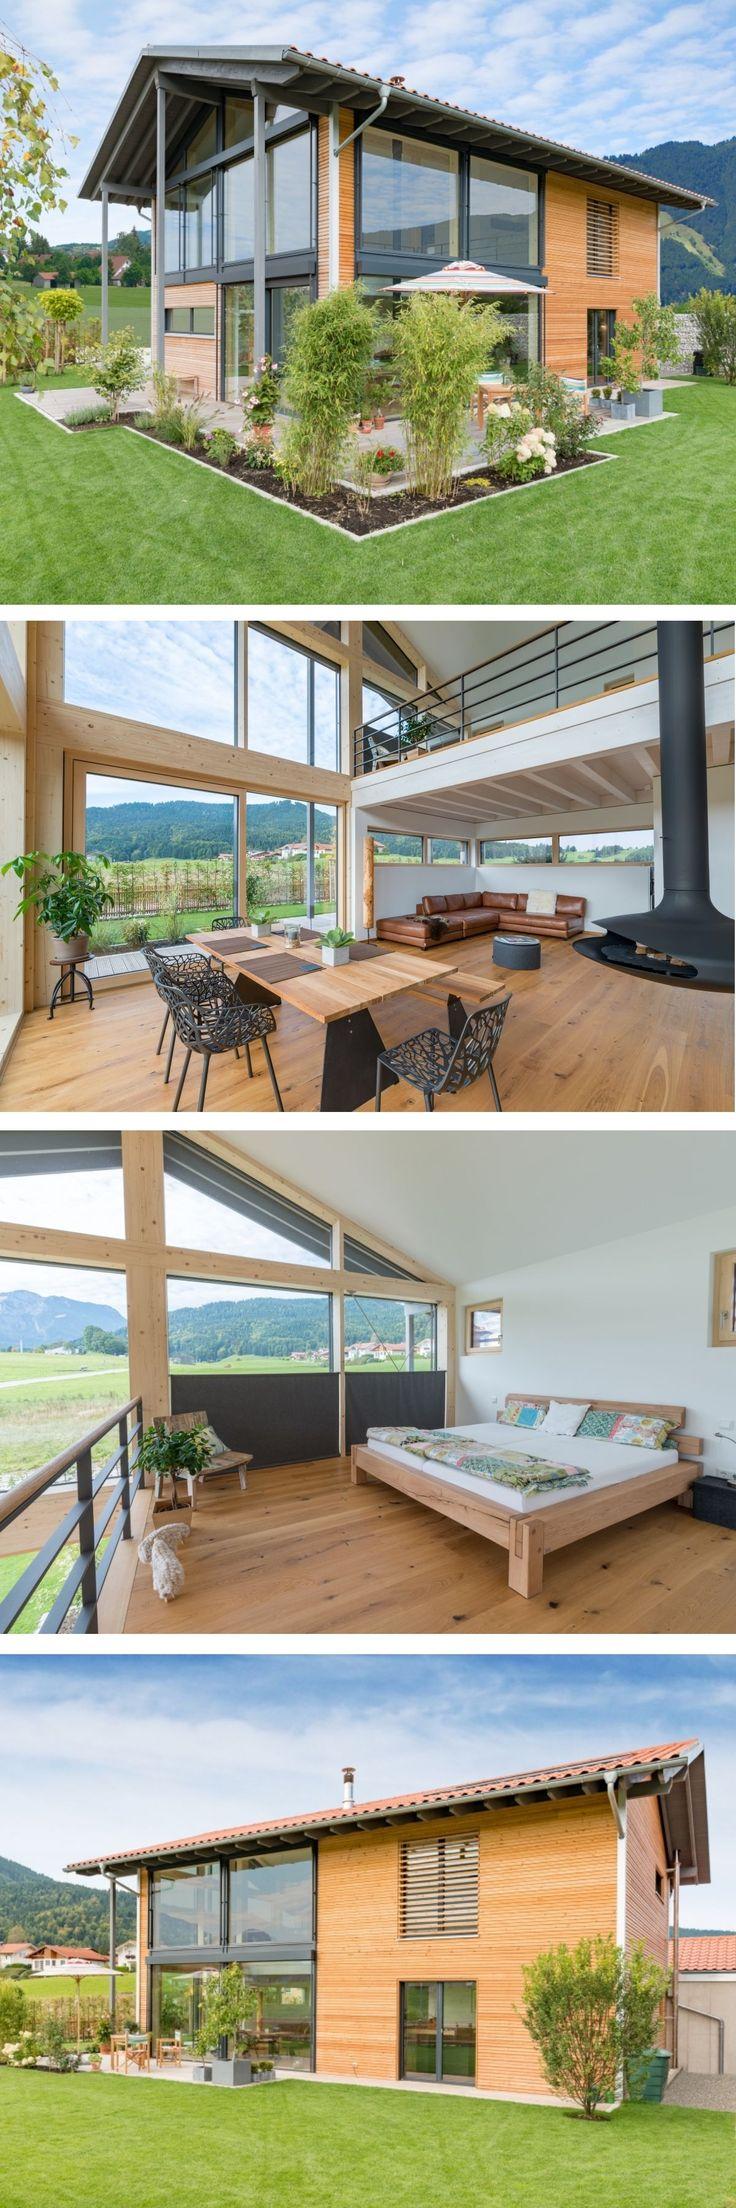 Einfamilienhaus modern im Alpenstil mit Holz Fassade, Satteldach Architektur & I…